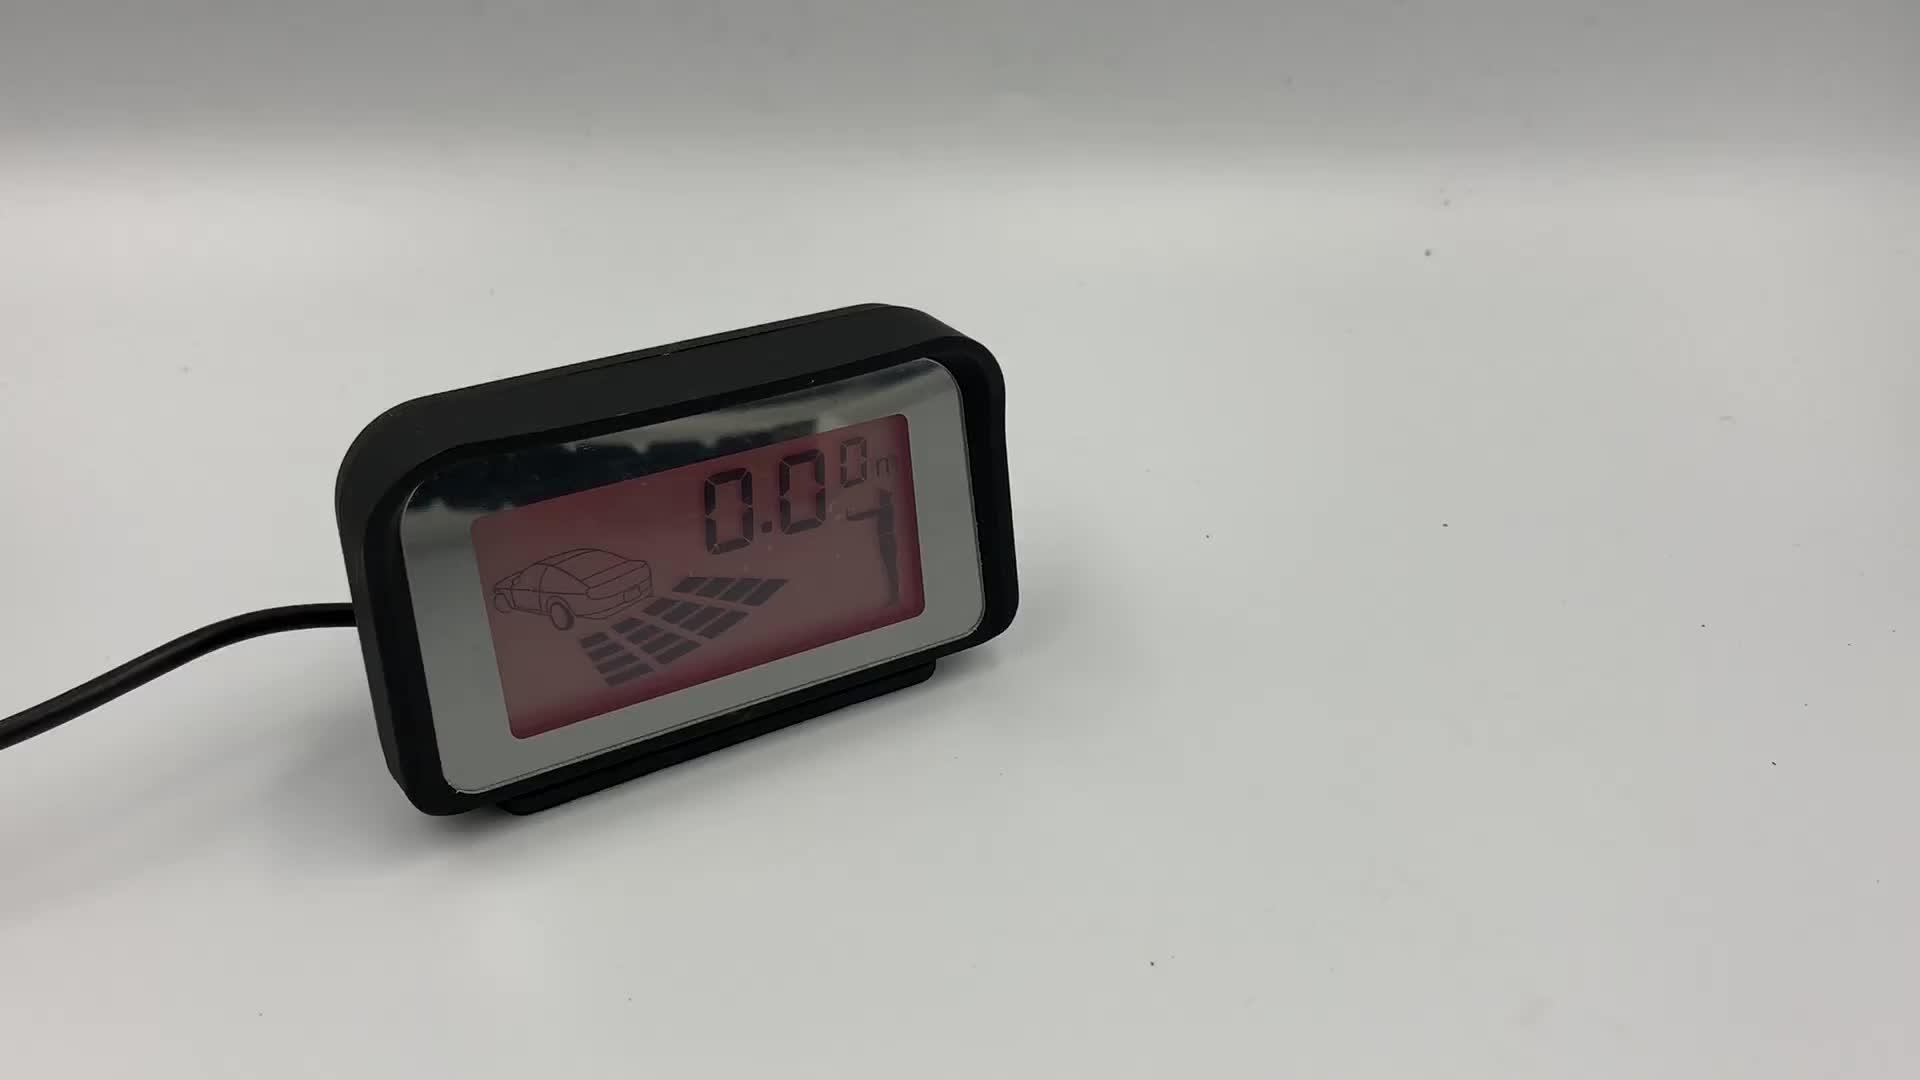 デジタルセンサーモニター toyata ための駐車場センサーアラーム